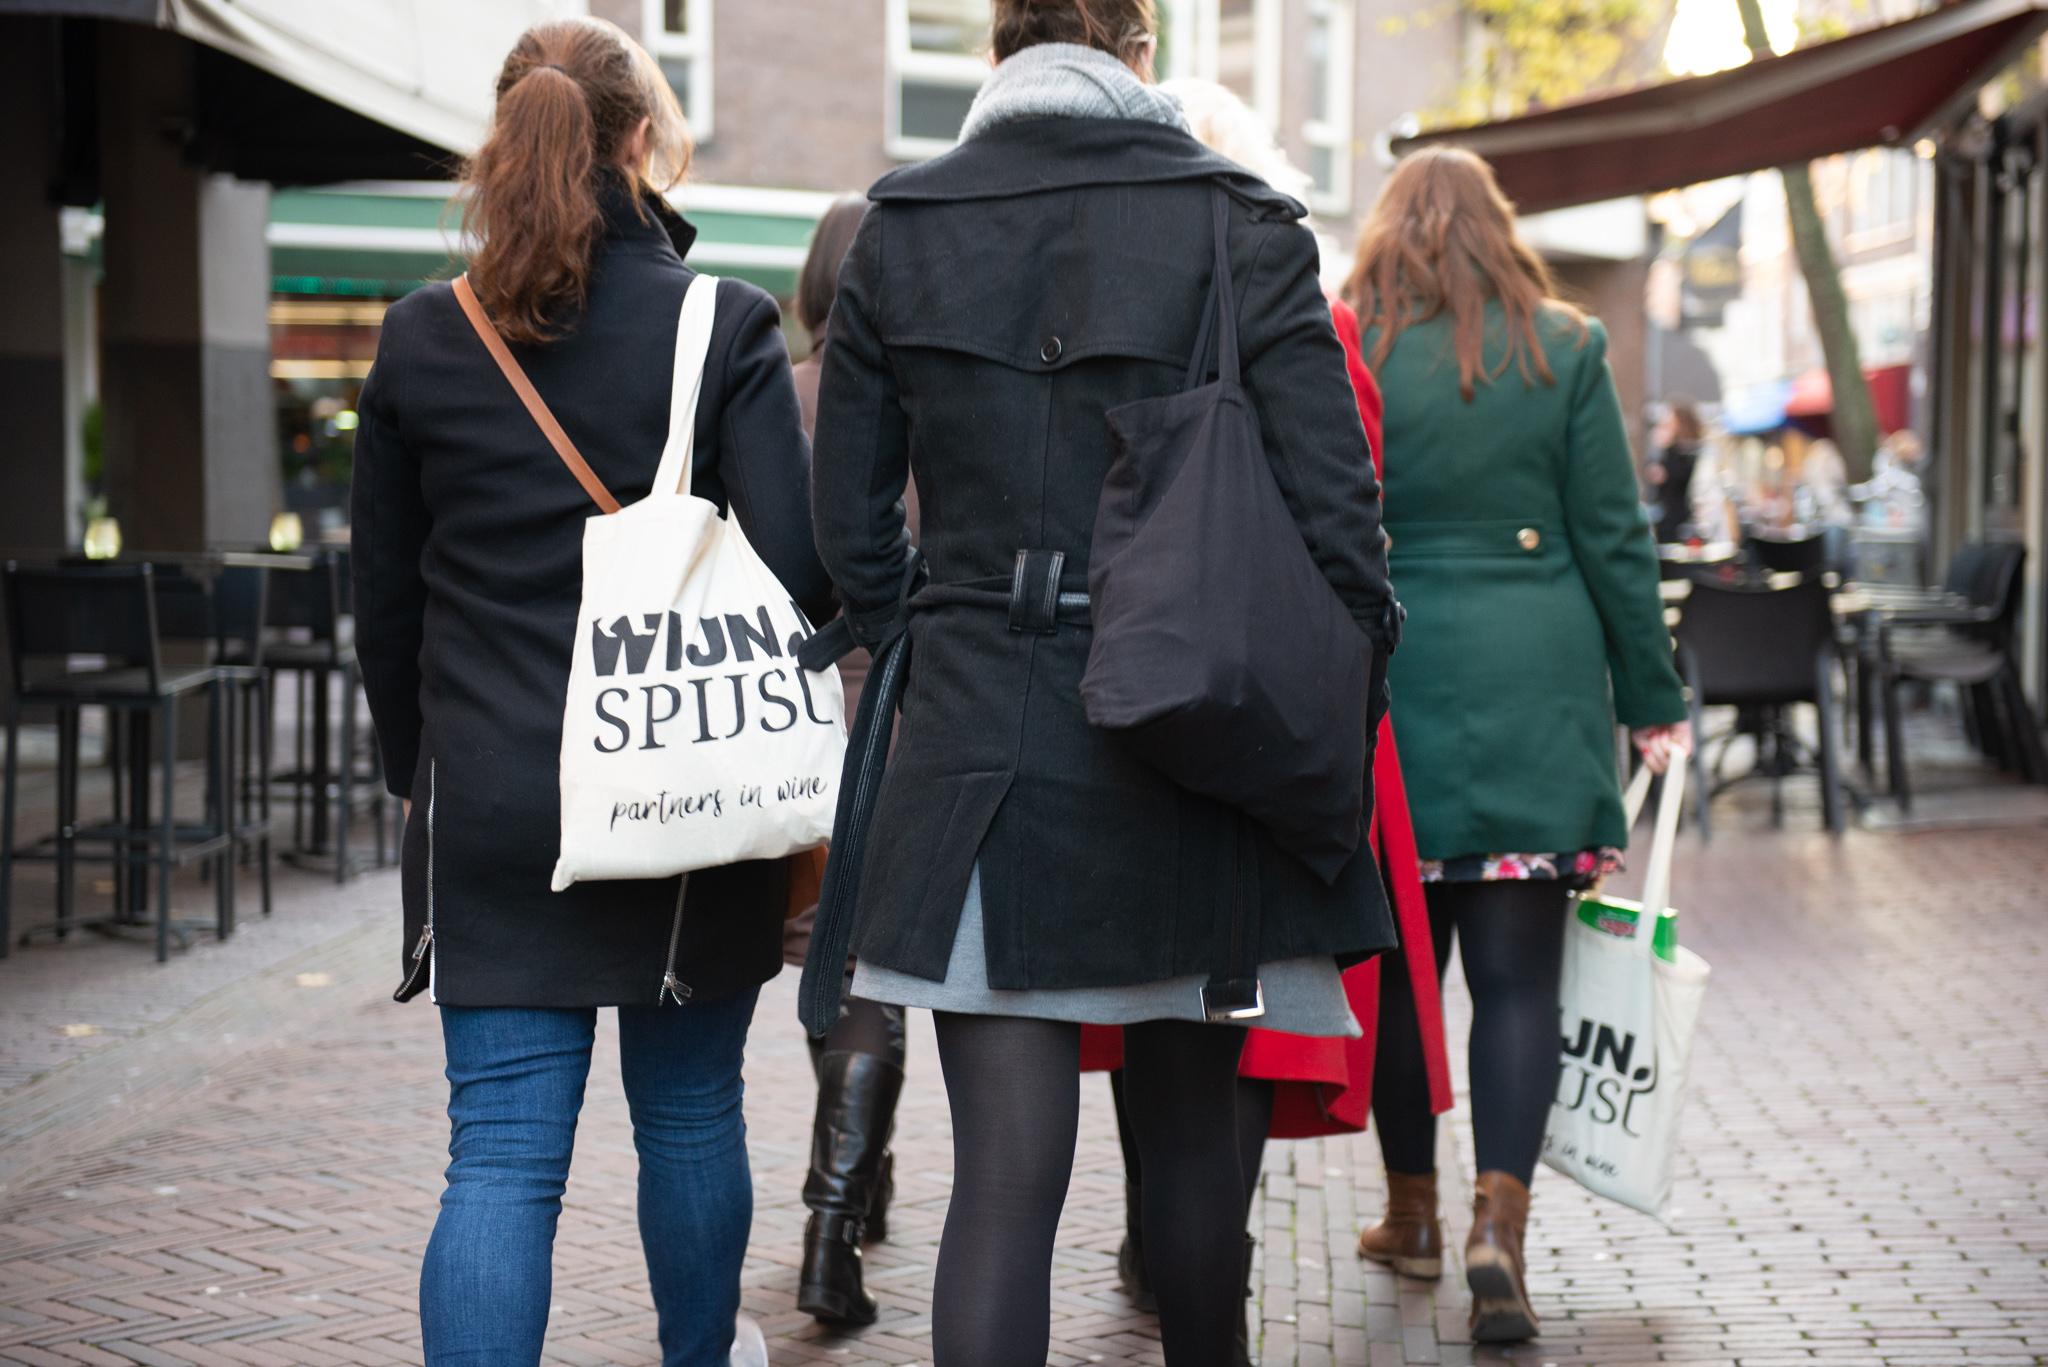 Illegaal culinair wandelen nu toch toegestaan, evenementenbureau in één klap grootste wandelclub van Nederland